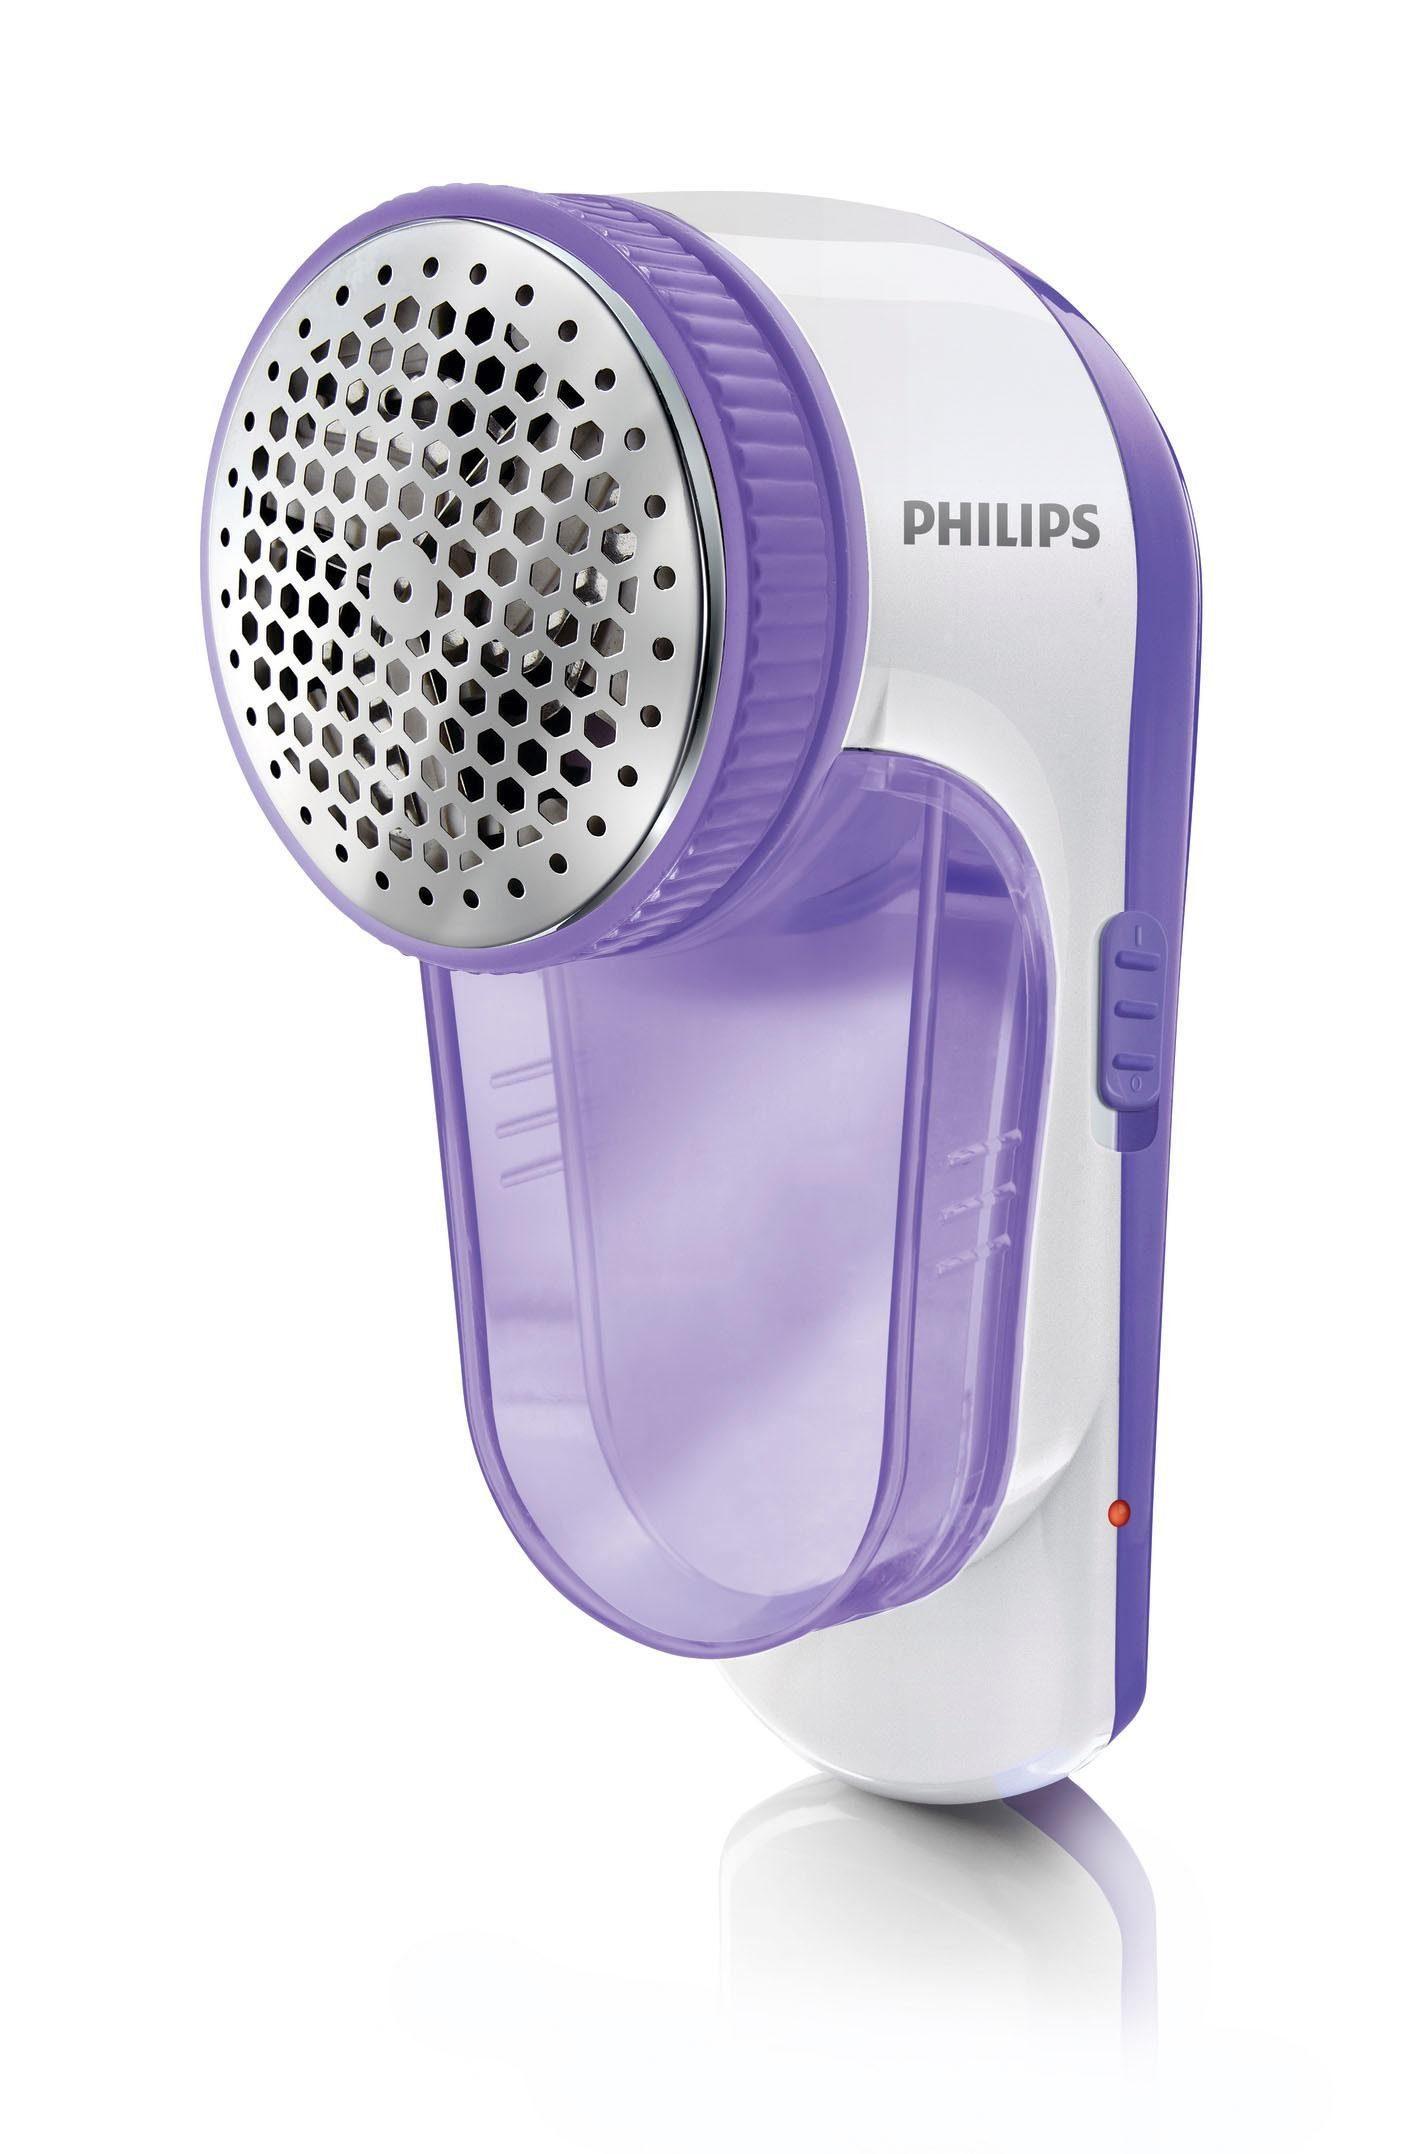 Philips Fusselrasierer GC027/00, Akkubetrieb, über USB aufladbar, flieder